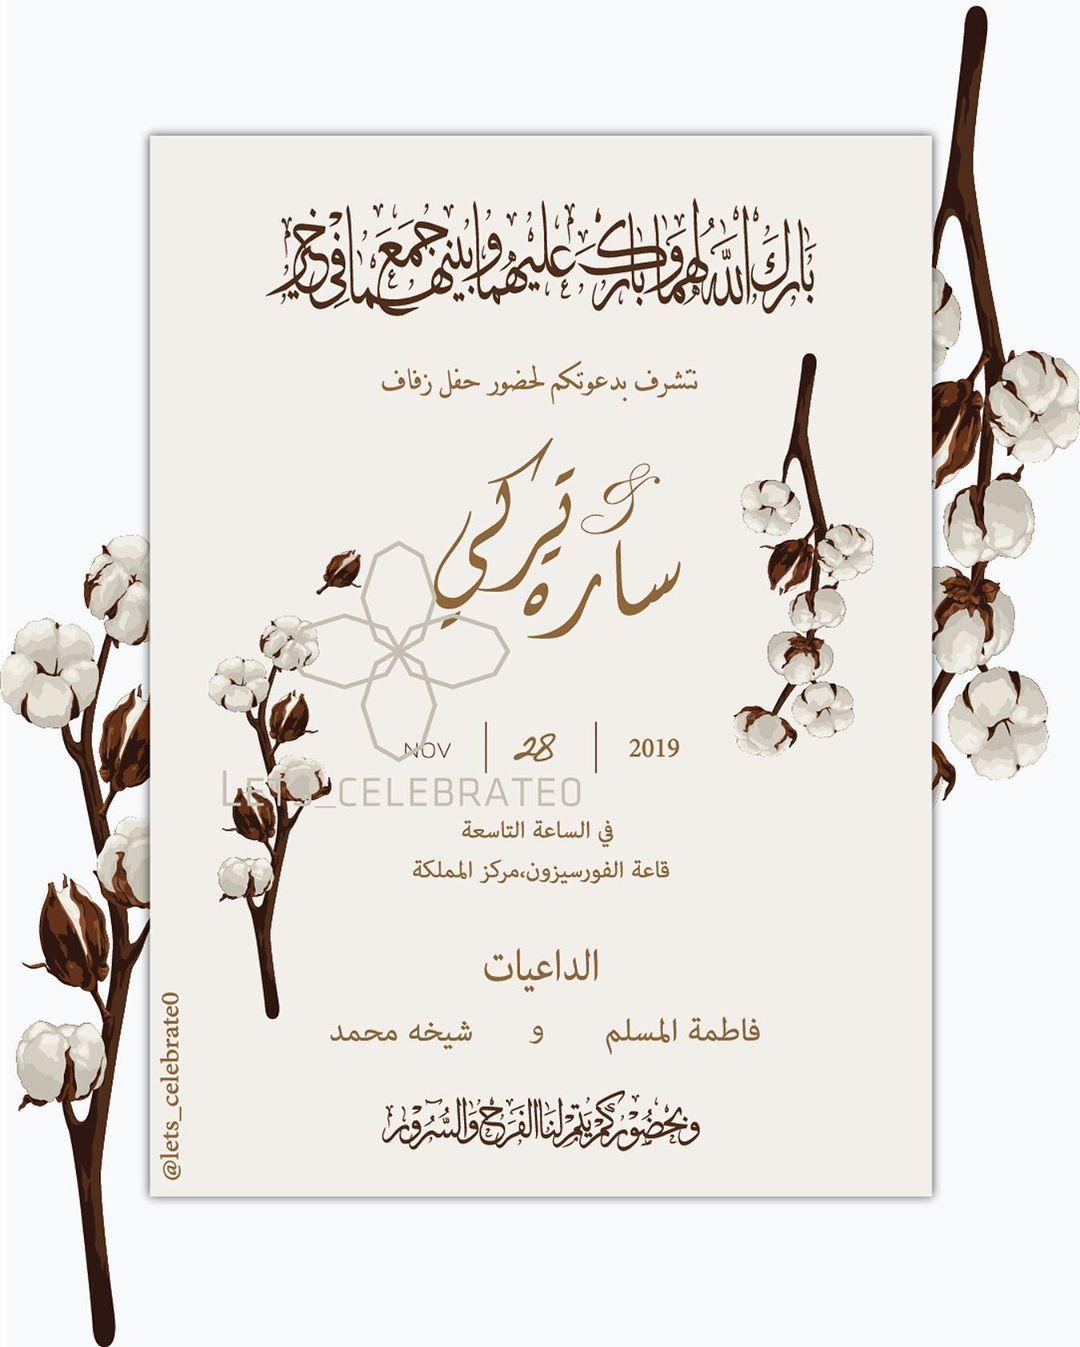 دعوة الكترونية و فلتر فلاتر العيد فلتر عيد دعوة توزيعات مواليد فلتر مولود د Wedding Logo Design Floral Poster Floral Doodle